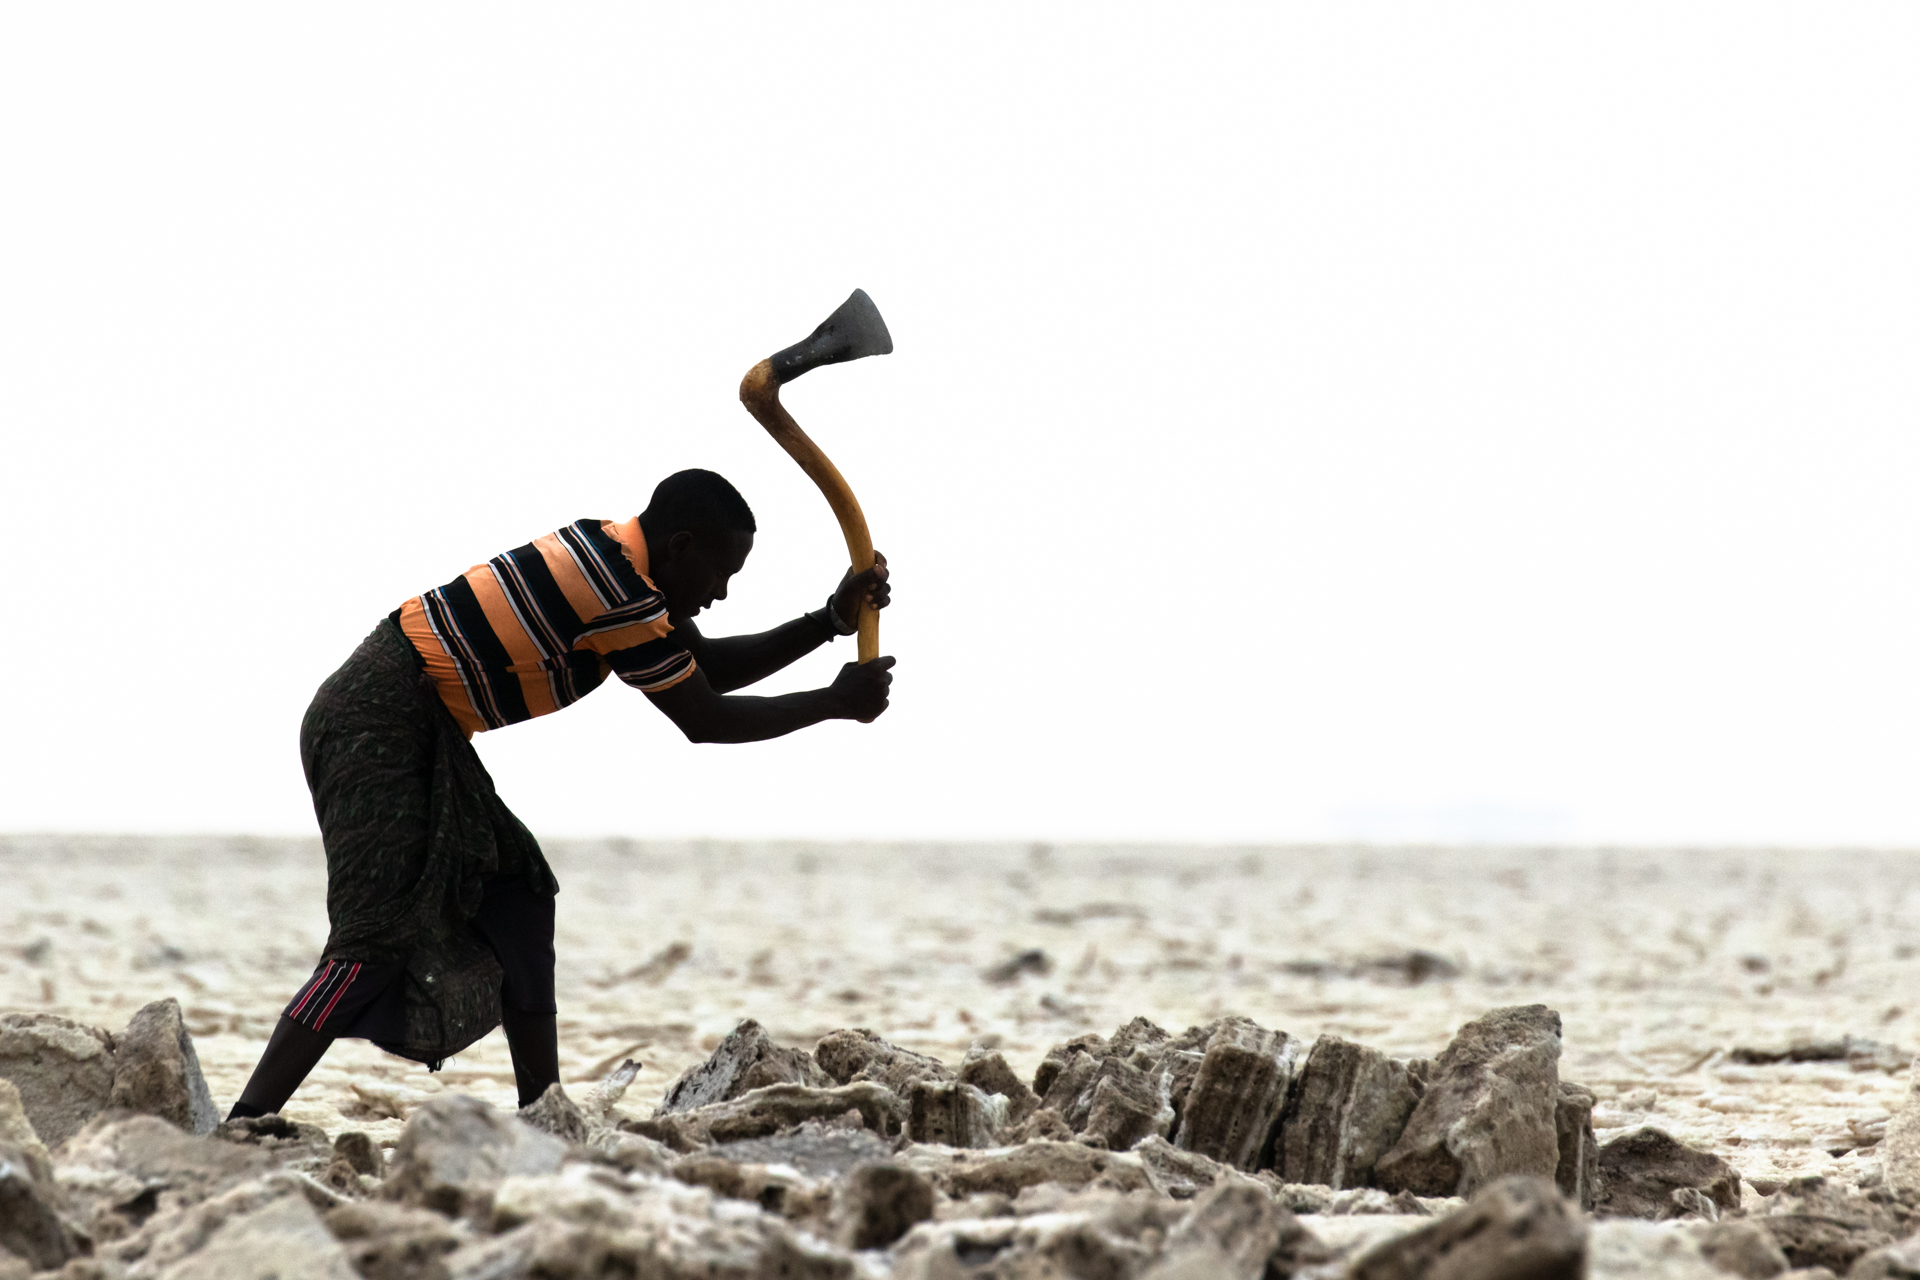 Salzarbeiter Äthiopien, Peter Schreyer